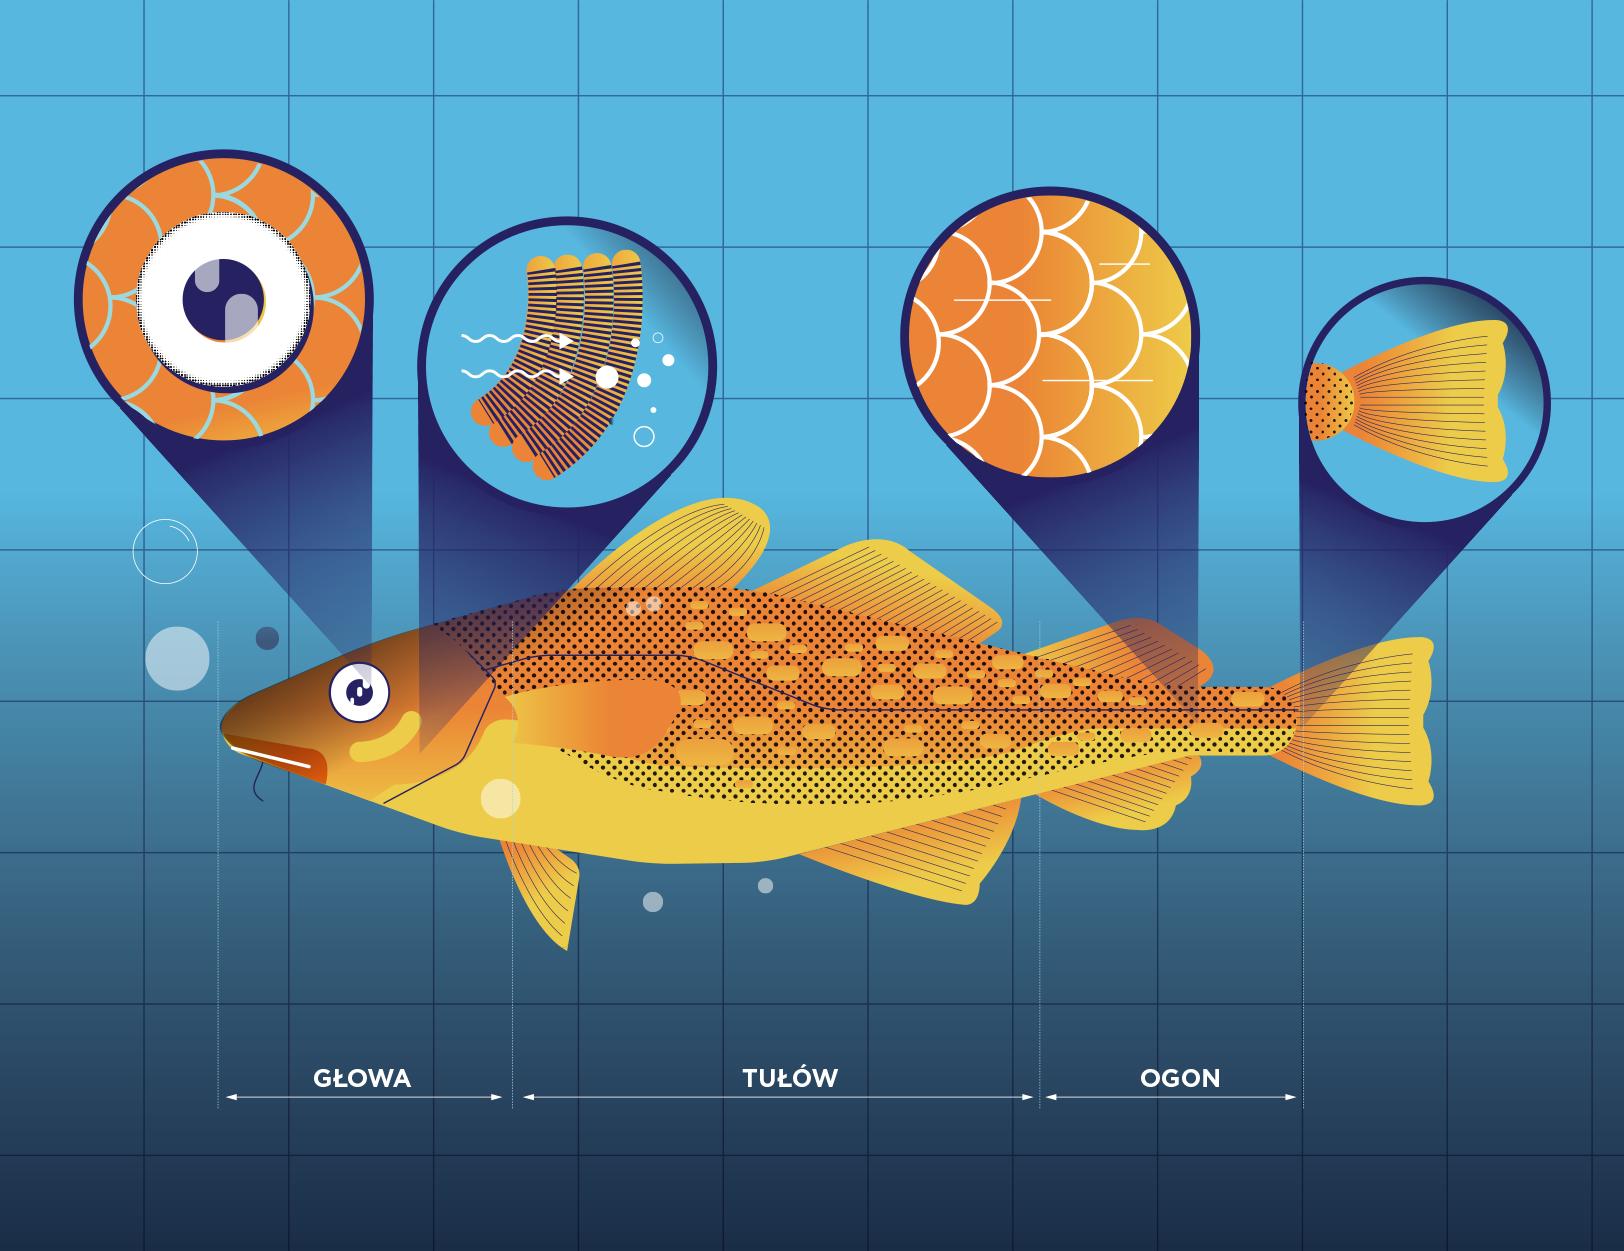 Budowa ryby